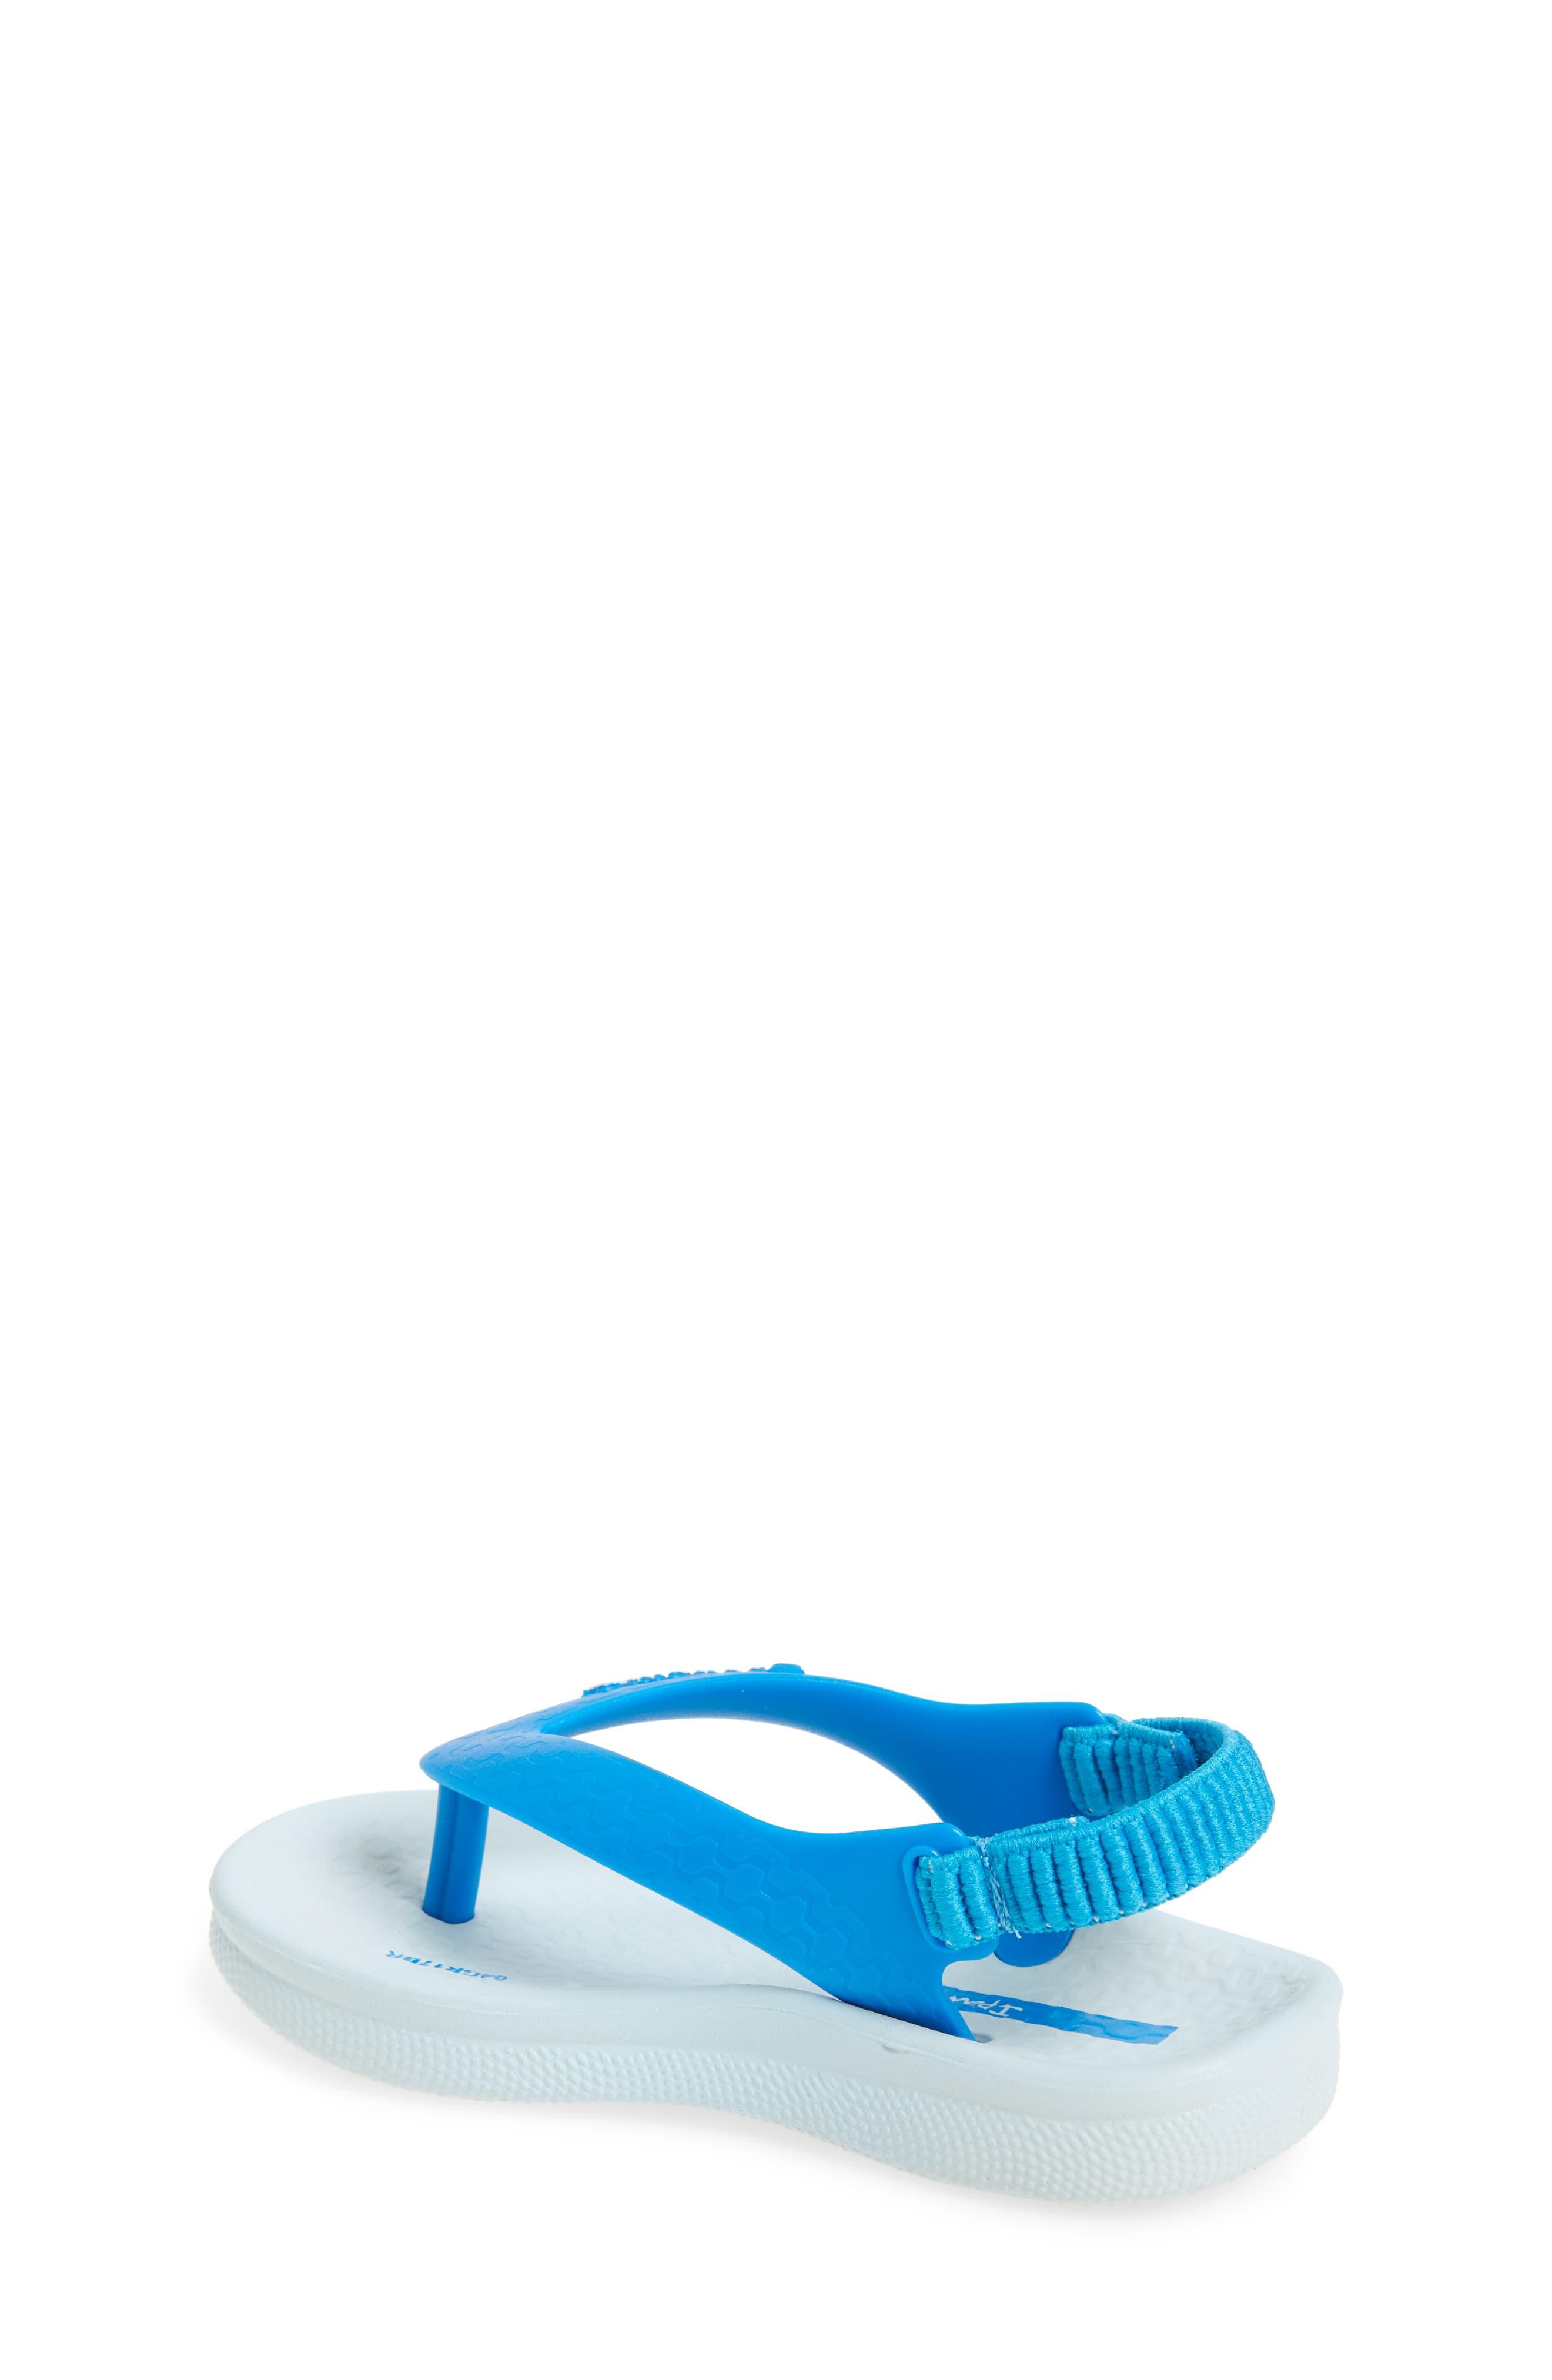 Ana Tan Flip Flop,                             Alternate thumbnail 2, color,                             Blue/ Blue